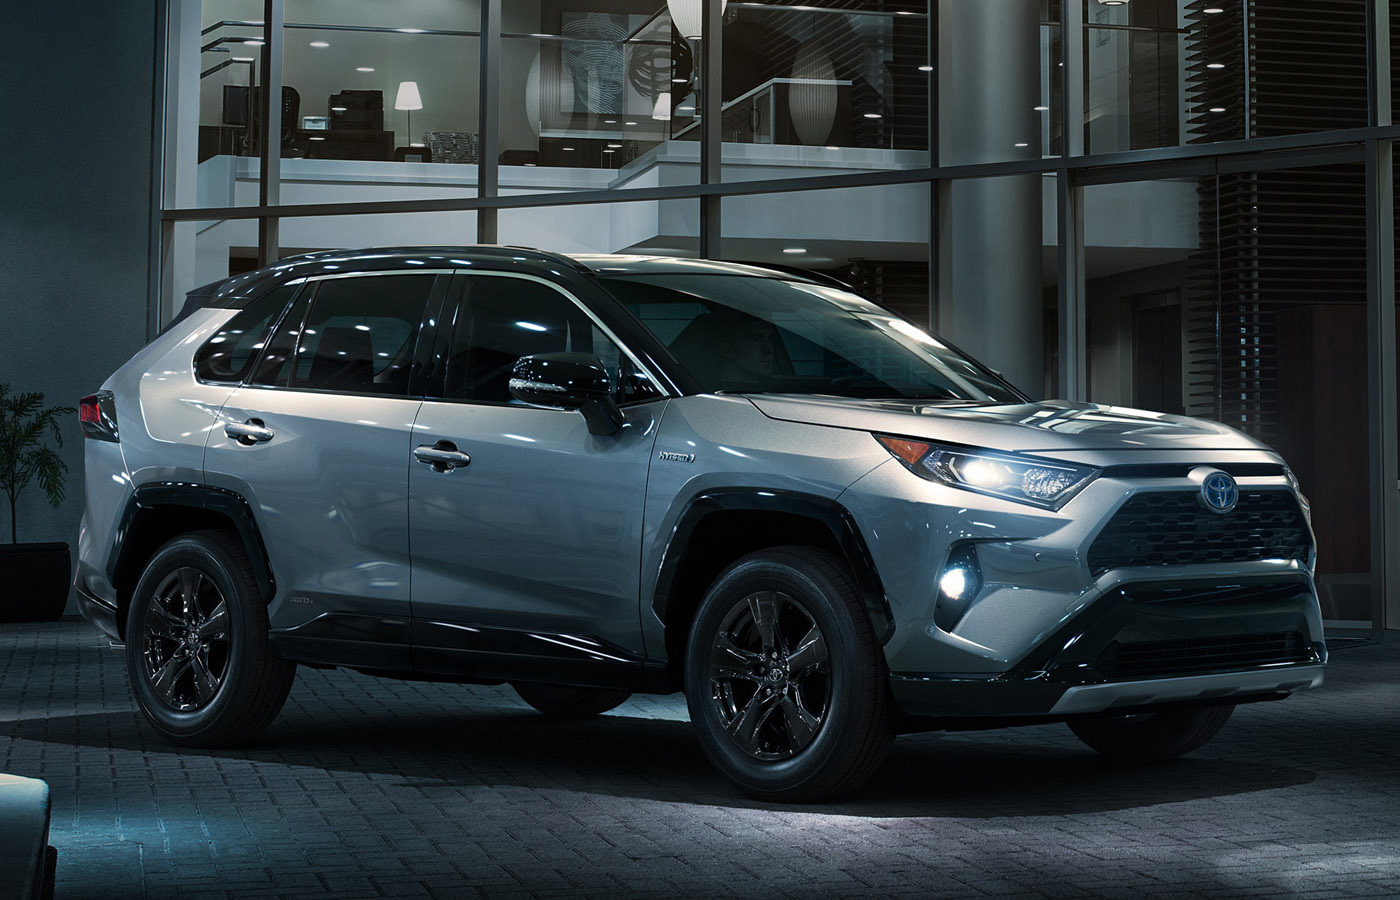 3月のニューヨークショーで北米モデルが公開された新型RAV4。ここで「2019年春に発売」とトヨタから発表された